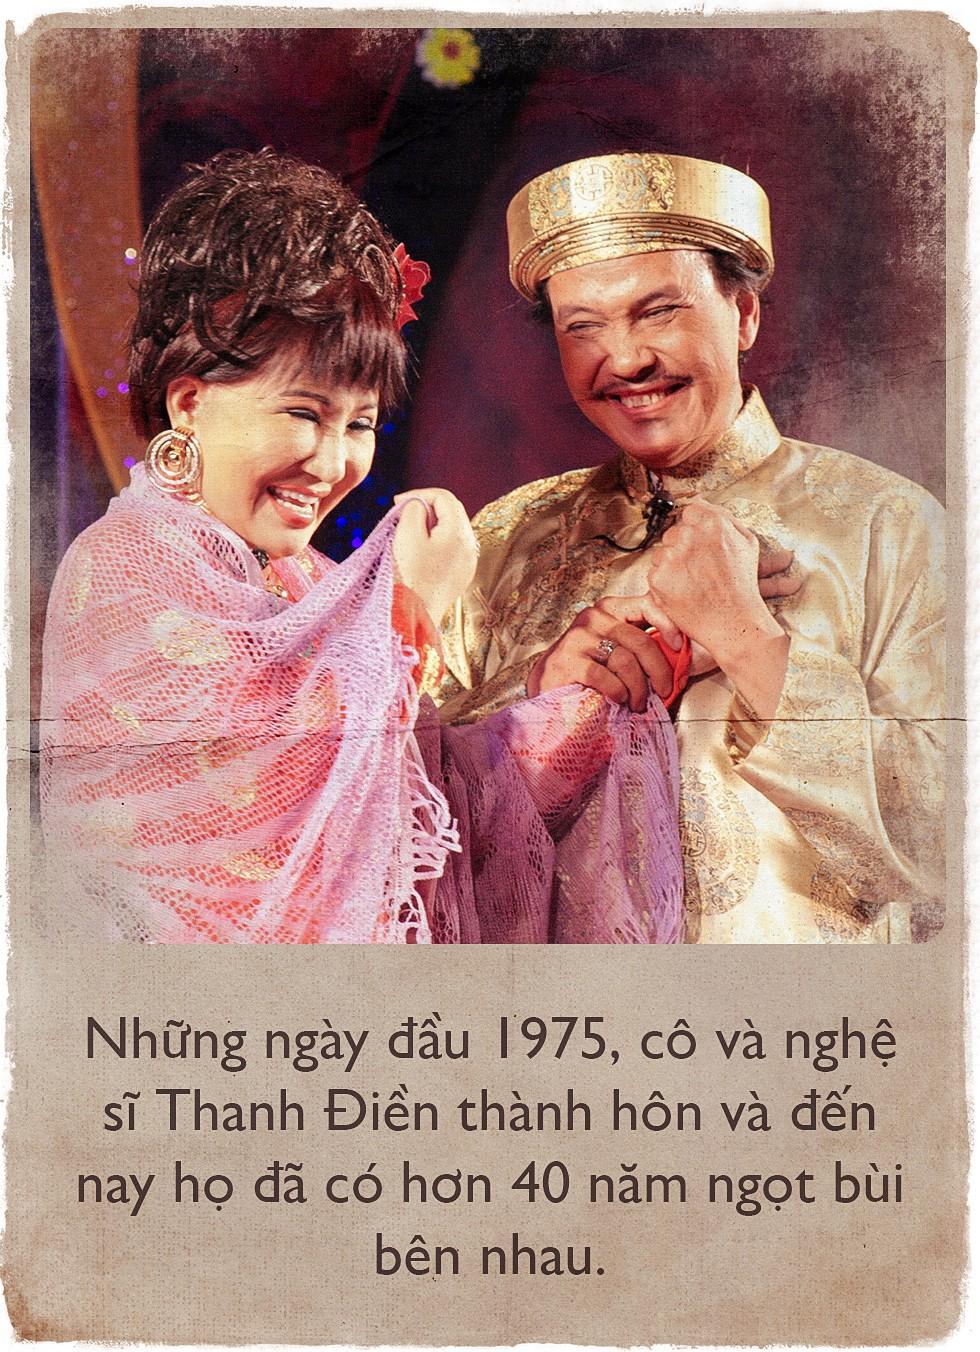 Ngọt lịm giọng ca cải lương của Thanh Kim Huệ - Ảnh 12.